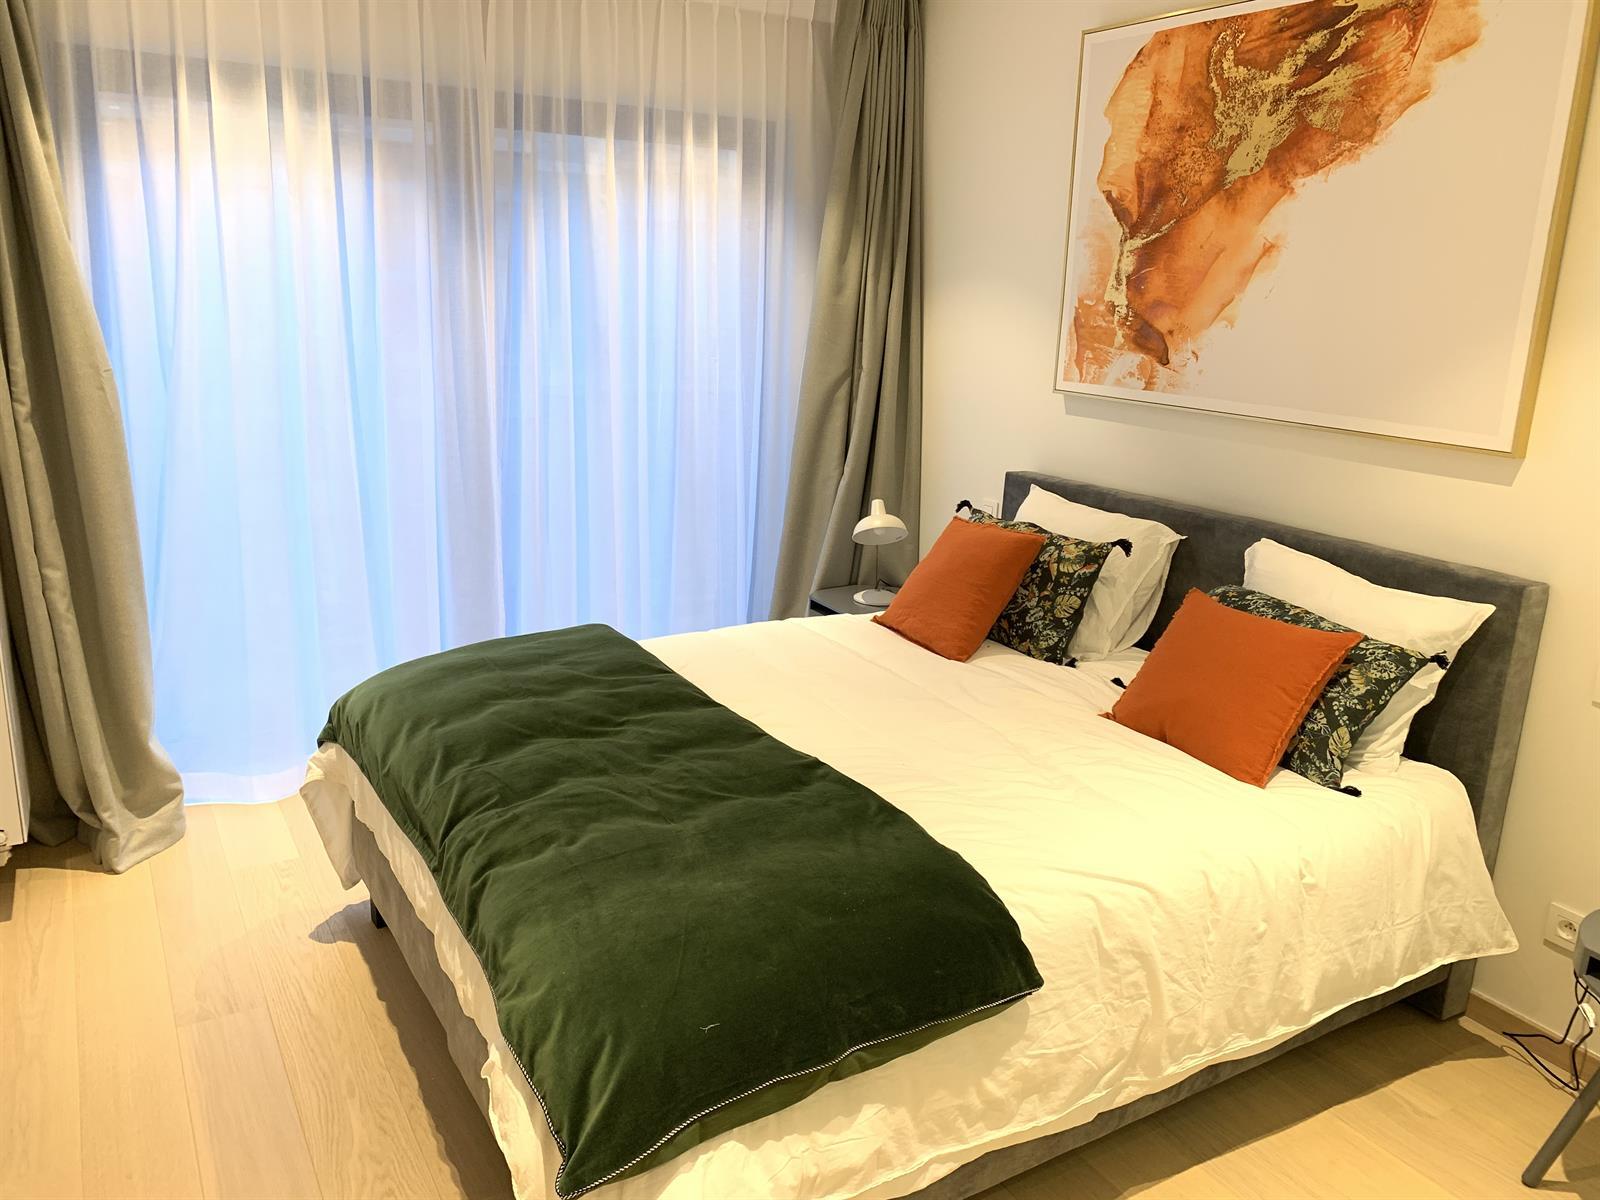 Appartement exceptionnel - Ixelles - #3918742-4